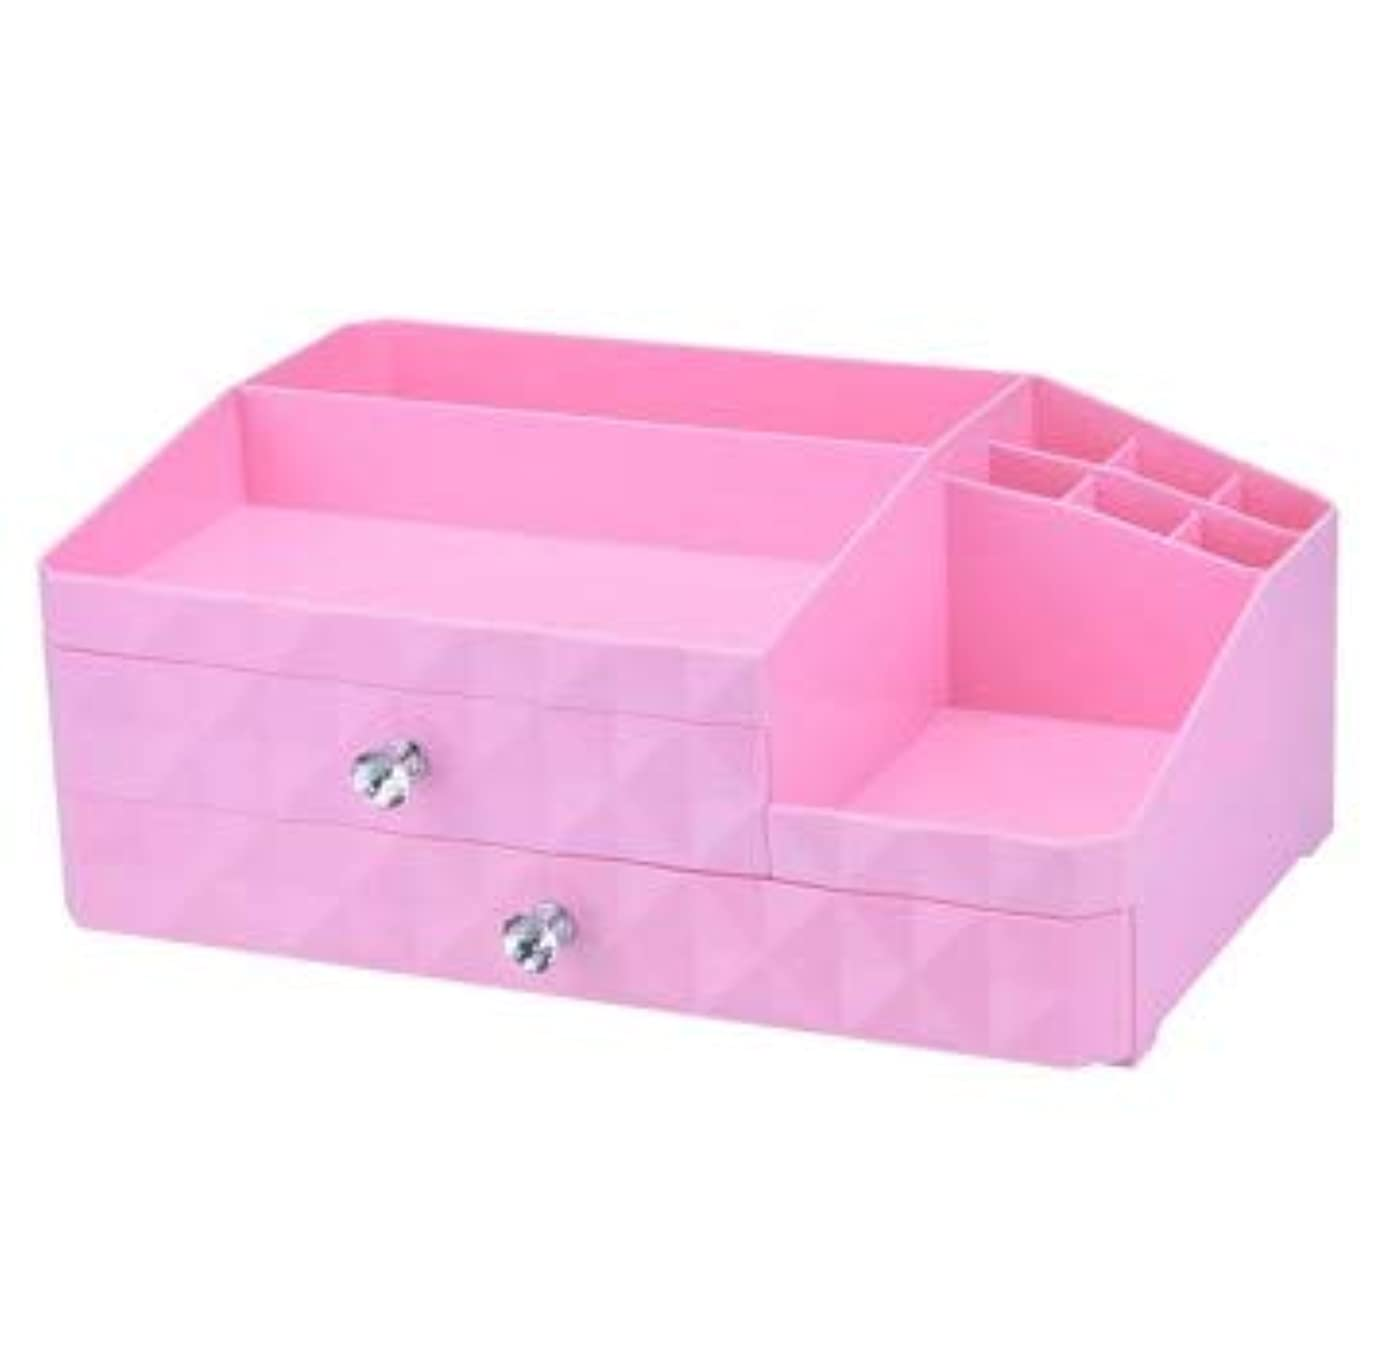 推測挑むのスコアデスクトップジュエリーボックス引き出し化粧品収納ボックス三層プラスチック仕上げボックス (Color : ピンク)